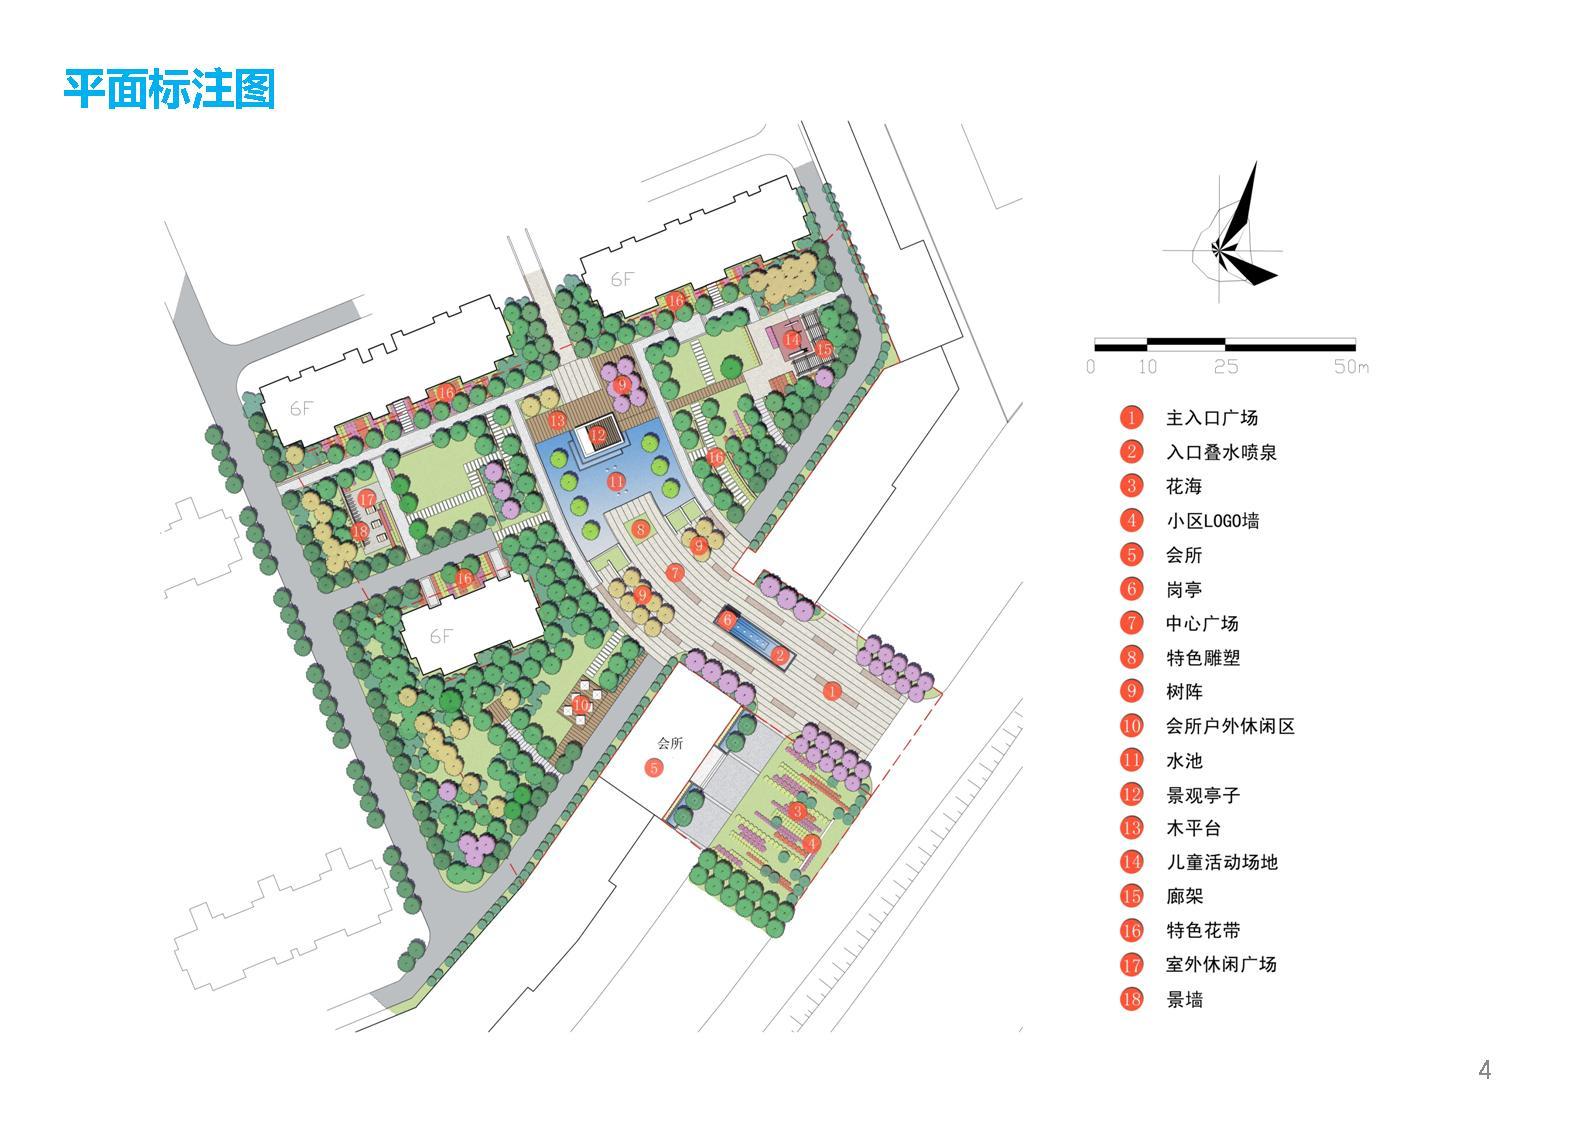 莱茵城景观设计方案三